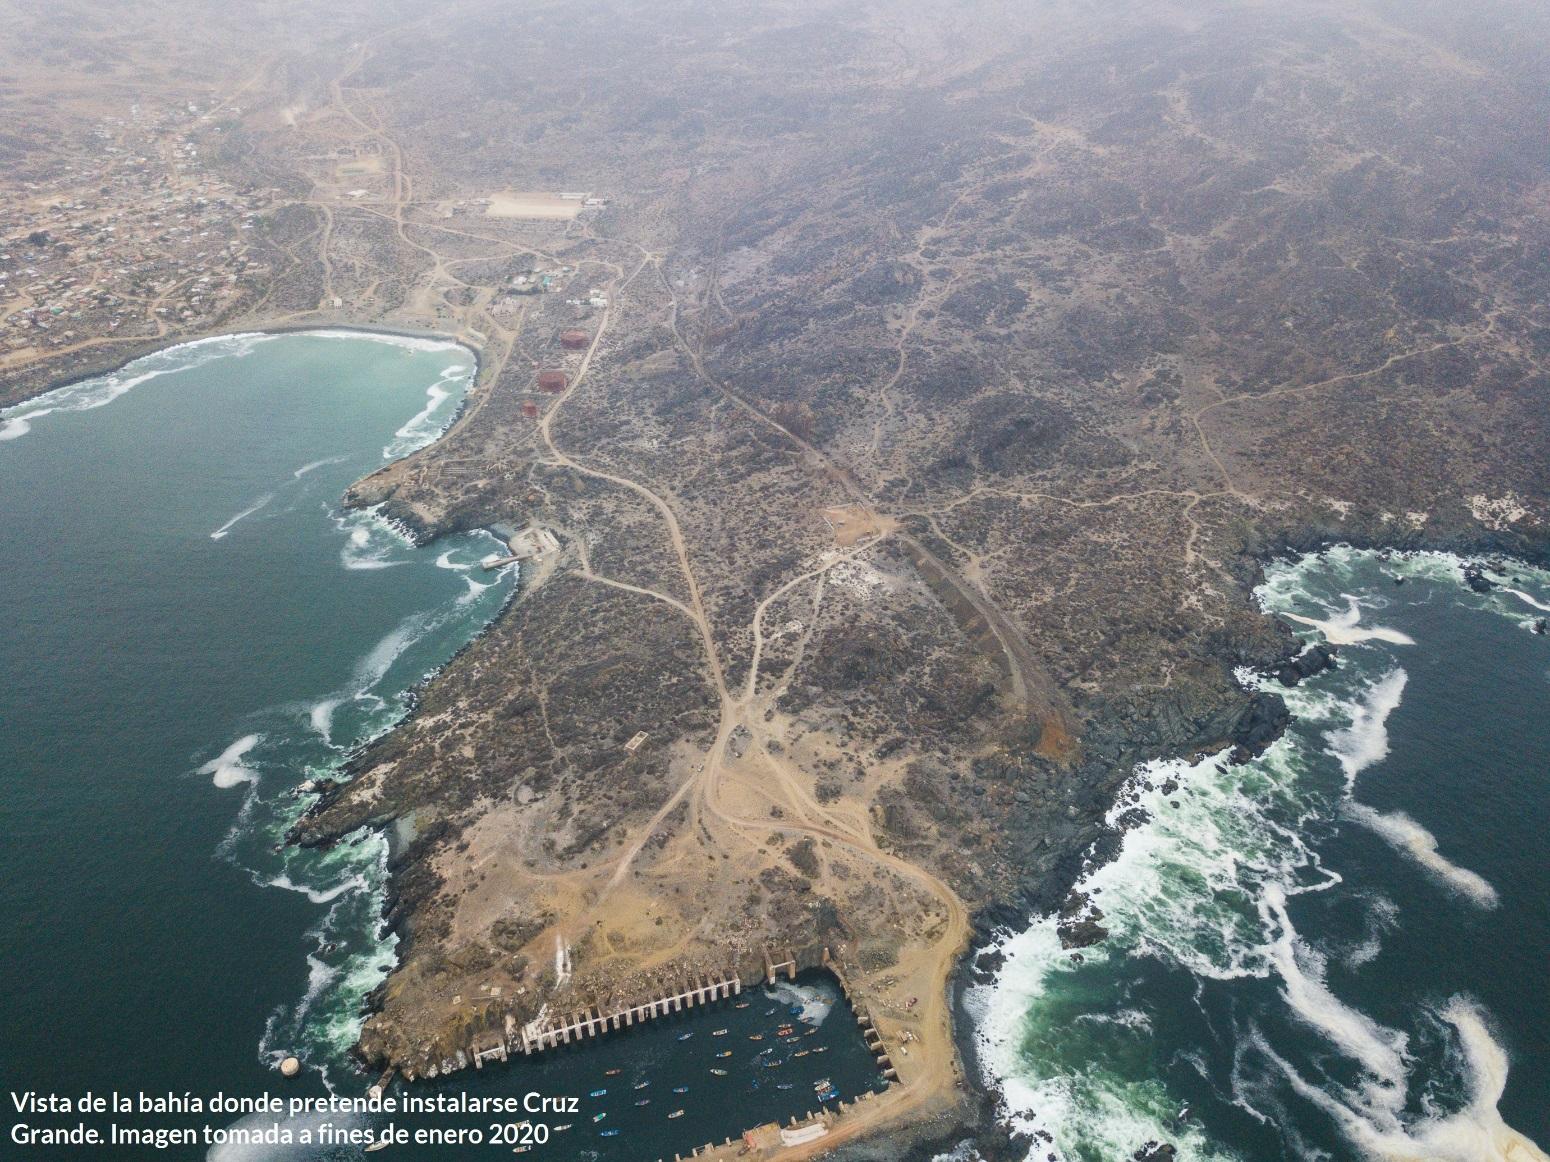 Impugnarán decisión de Superintendencia del Medio Ambiente de no caducar permiso a puerto Cruz Grande en La Higuera